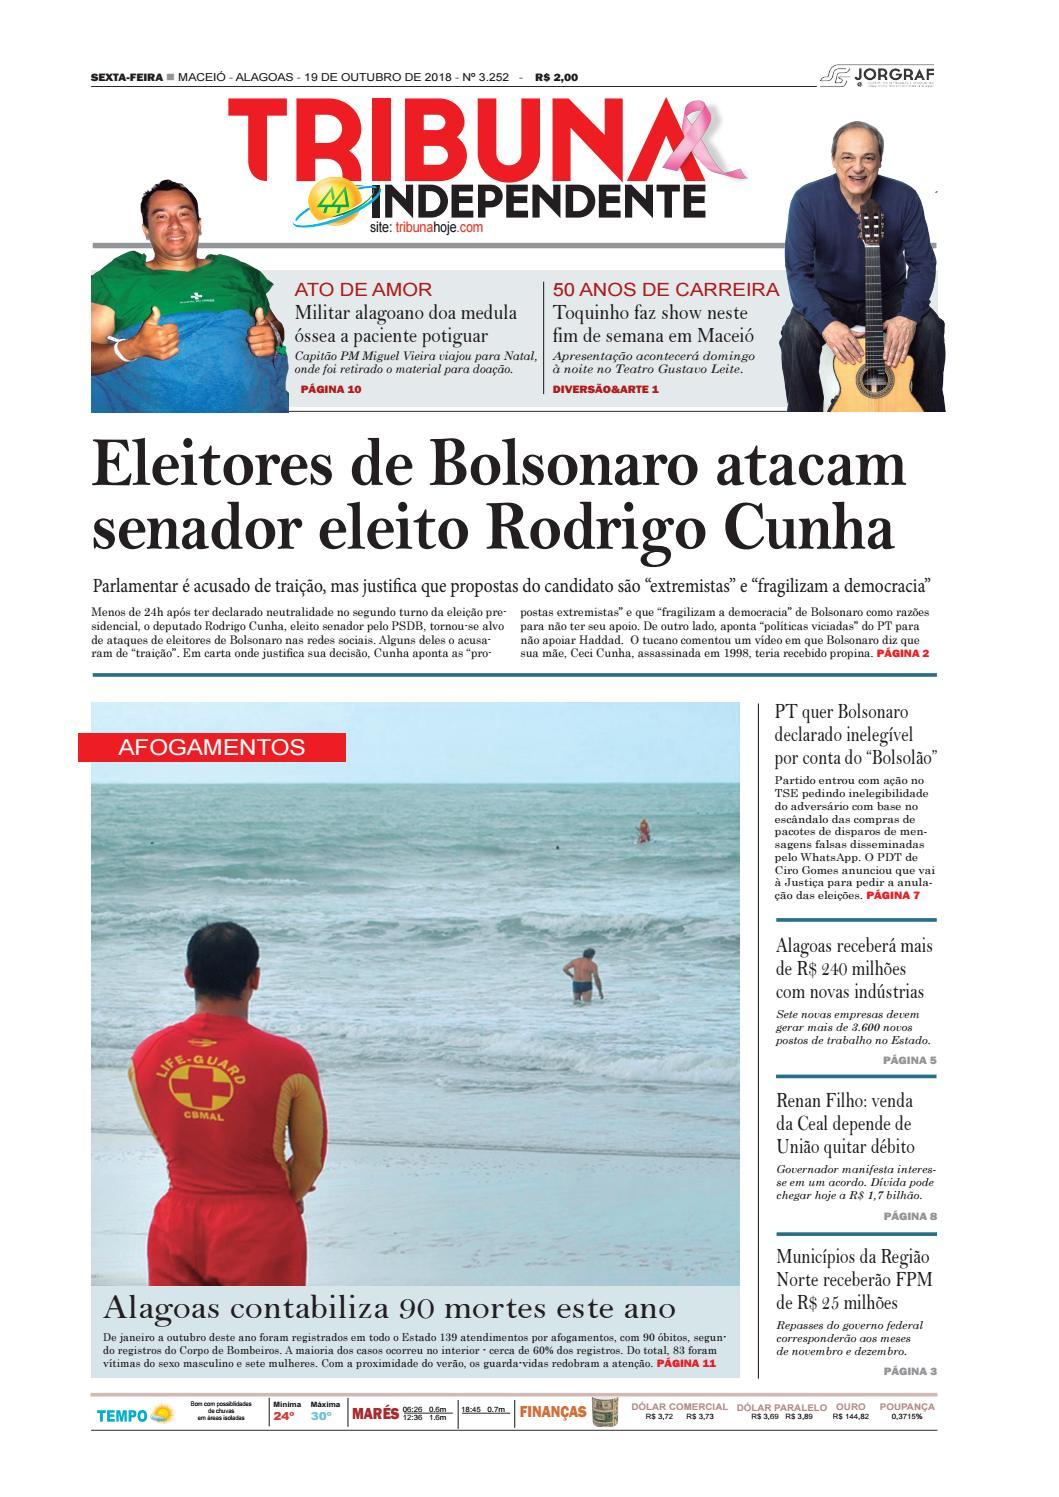 bd27f3308e Edição número 3252 - 19 de outubro de 2018 by Tribuna Hoje - issuu